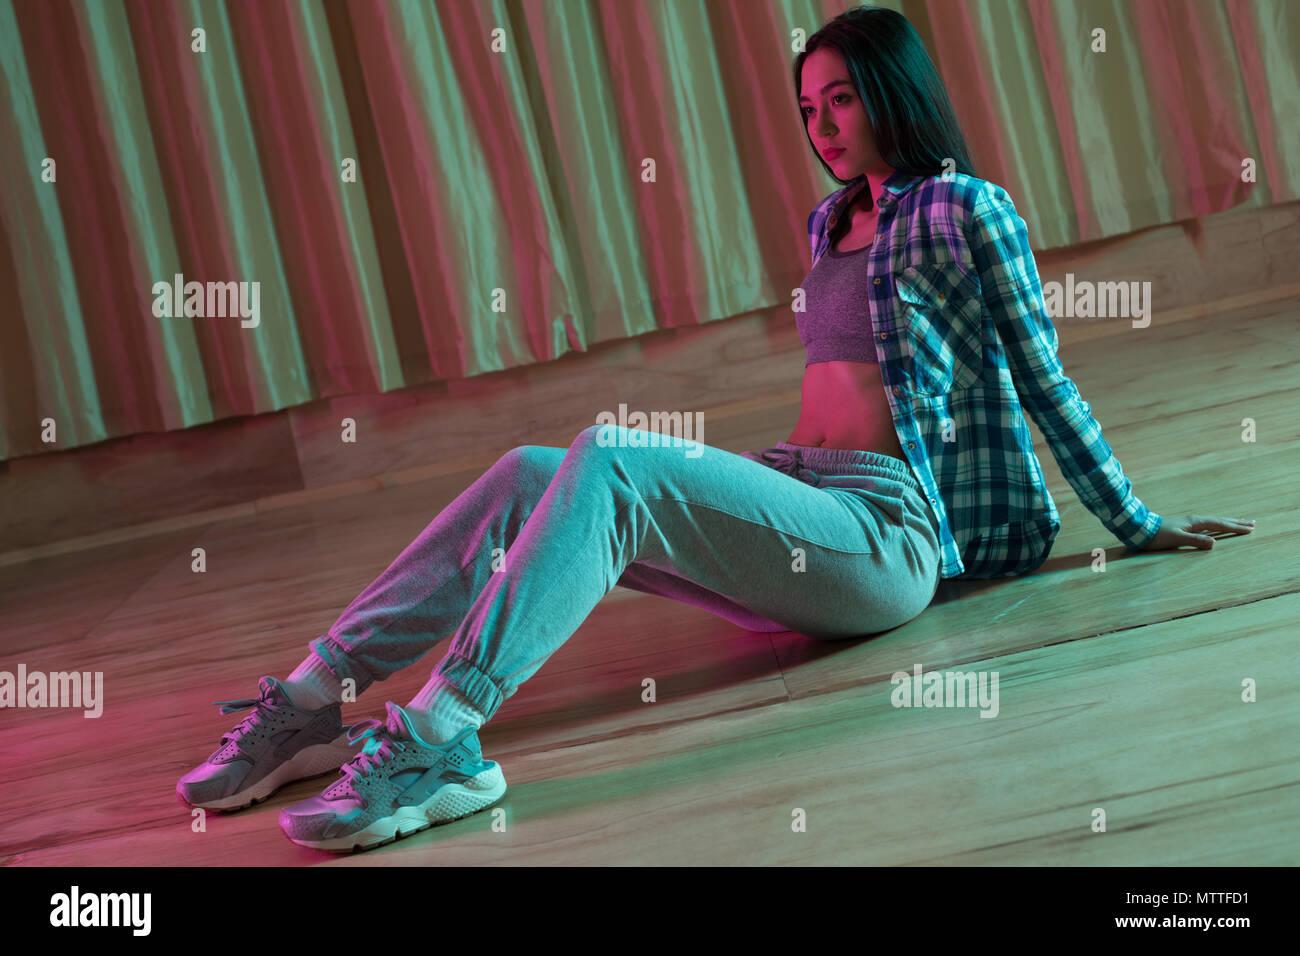 Danseuse de vous détendre dans un studio de danse Photo Stock